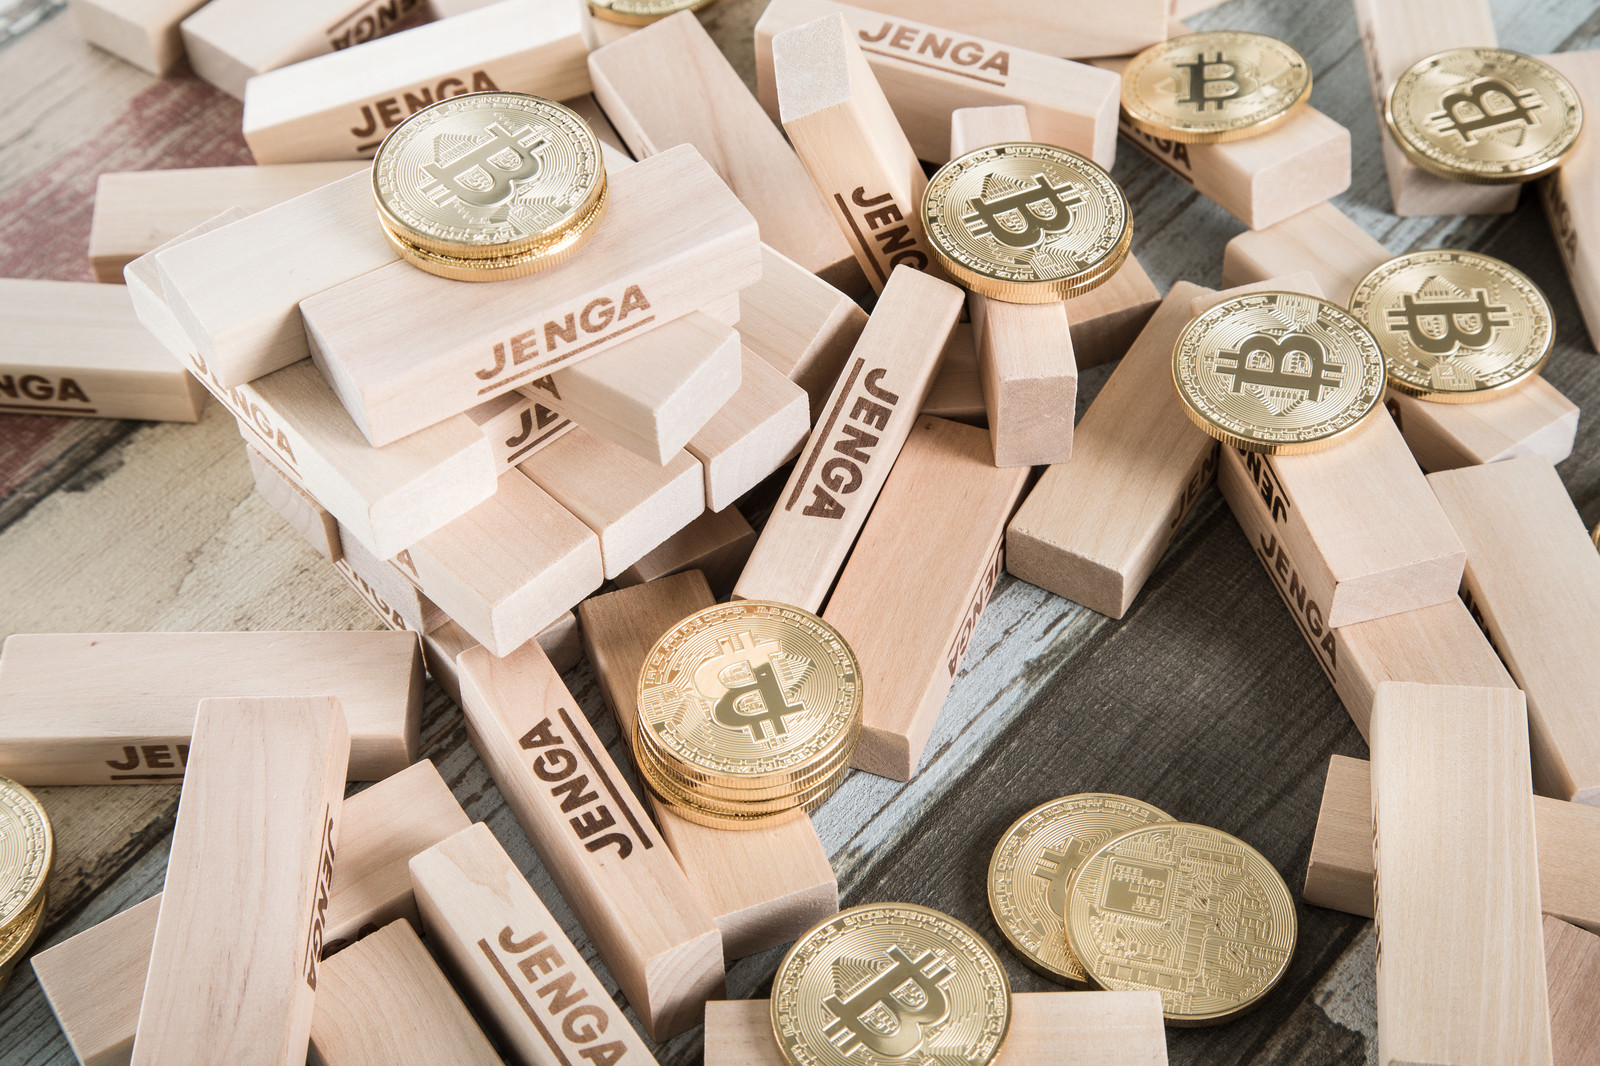 「崩れ落ちたジェンガとビットコイン」の写真